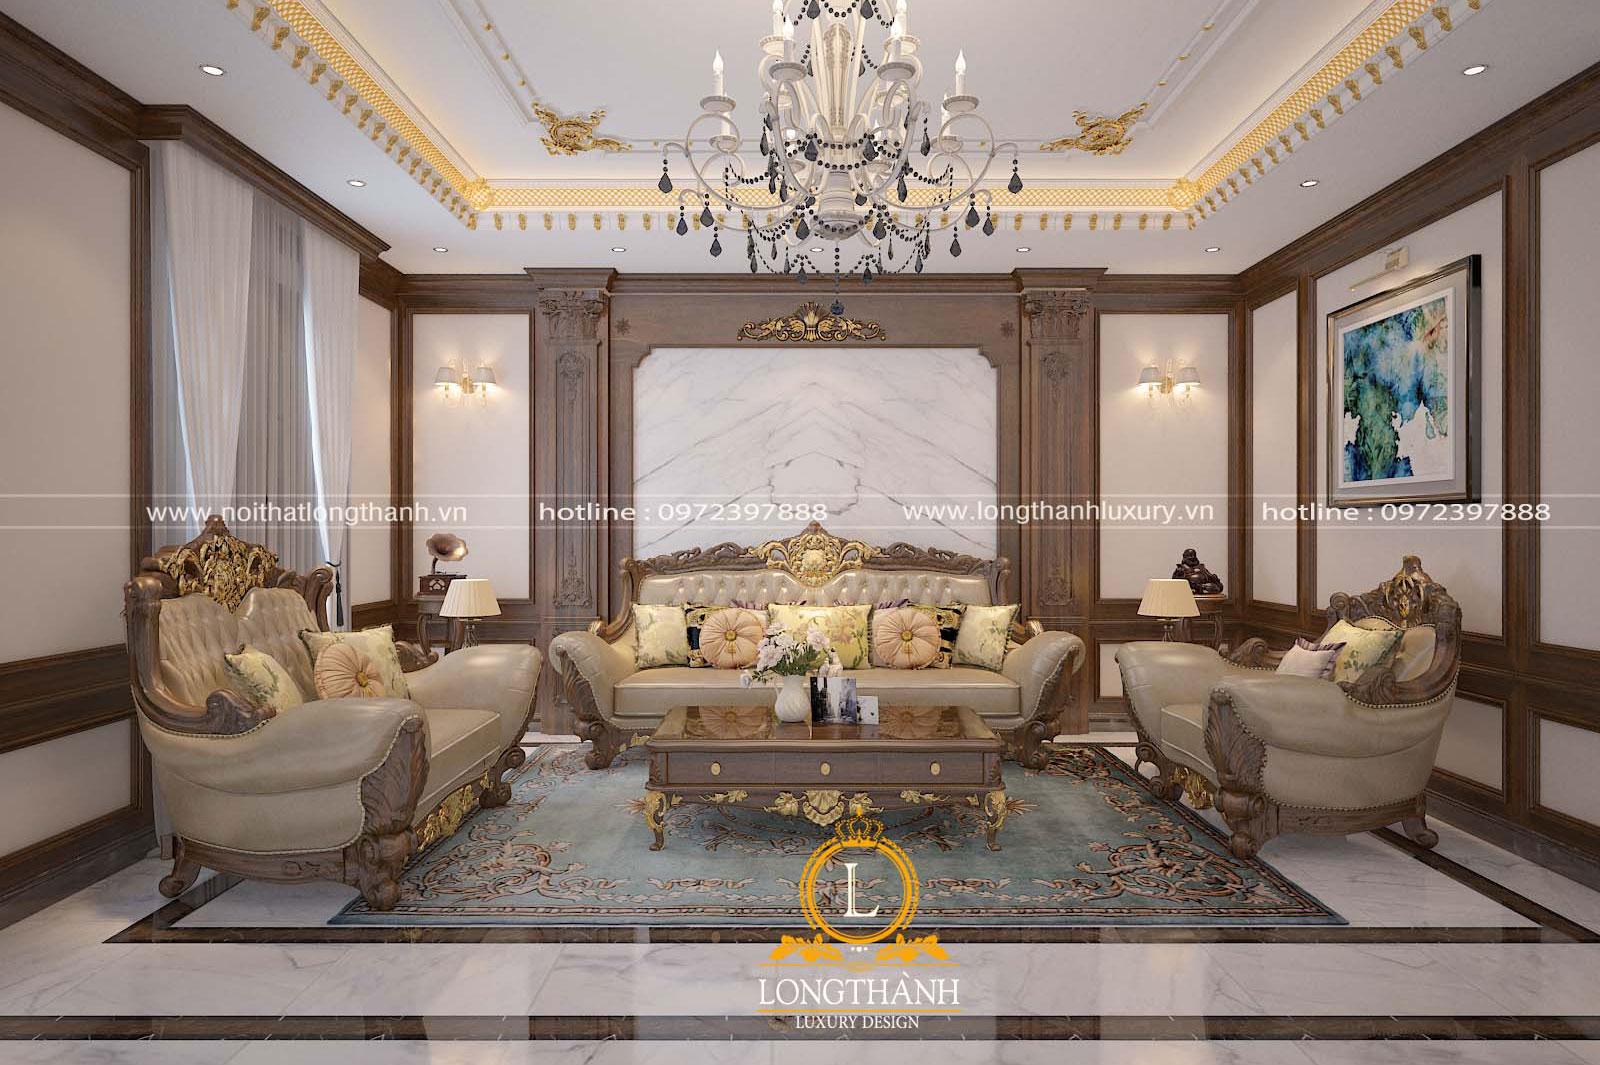 Chất lượng gỗ tự nhiên được sử dụng cho bộ sofa phòng khách dát vàng đẹp mắt